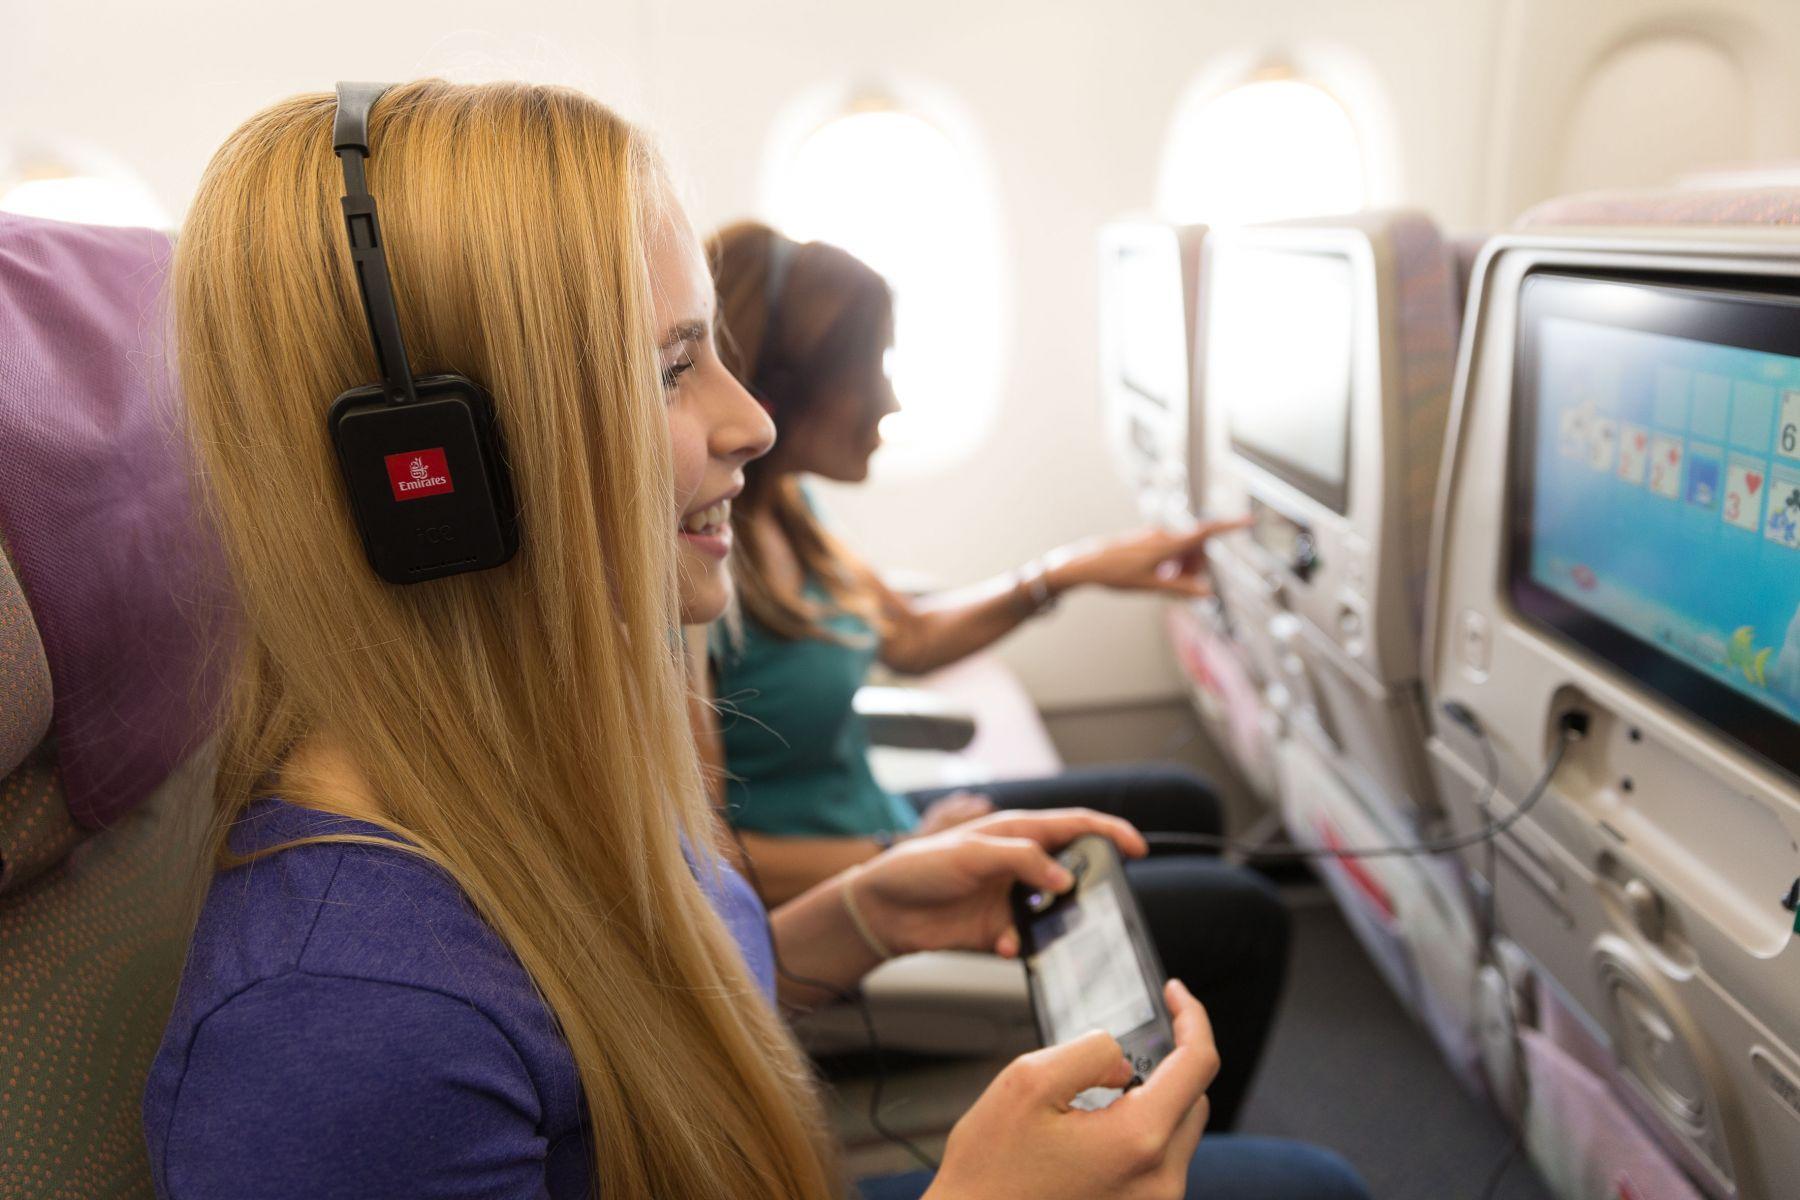 Desain headset baru cukup berbeda guna meningkatkan kualitas.